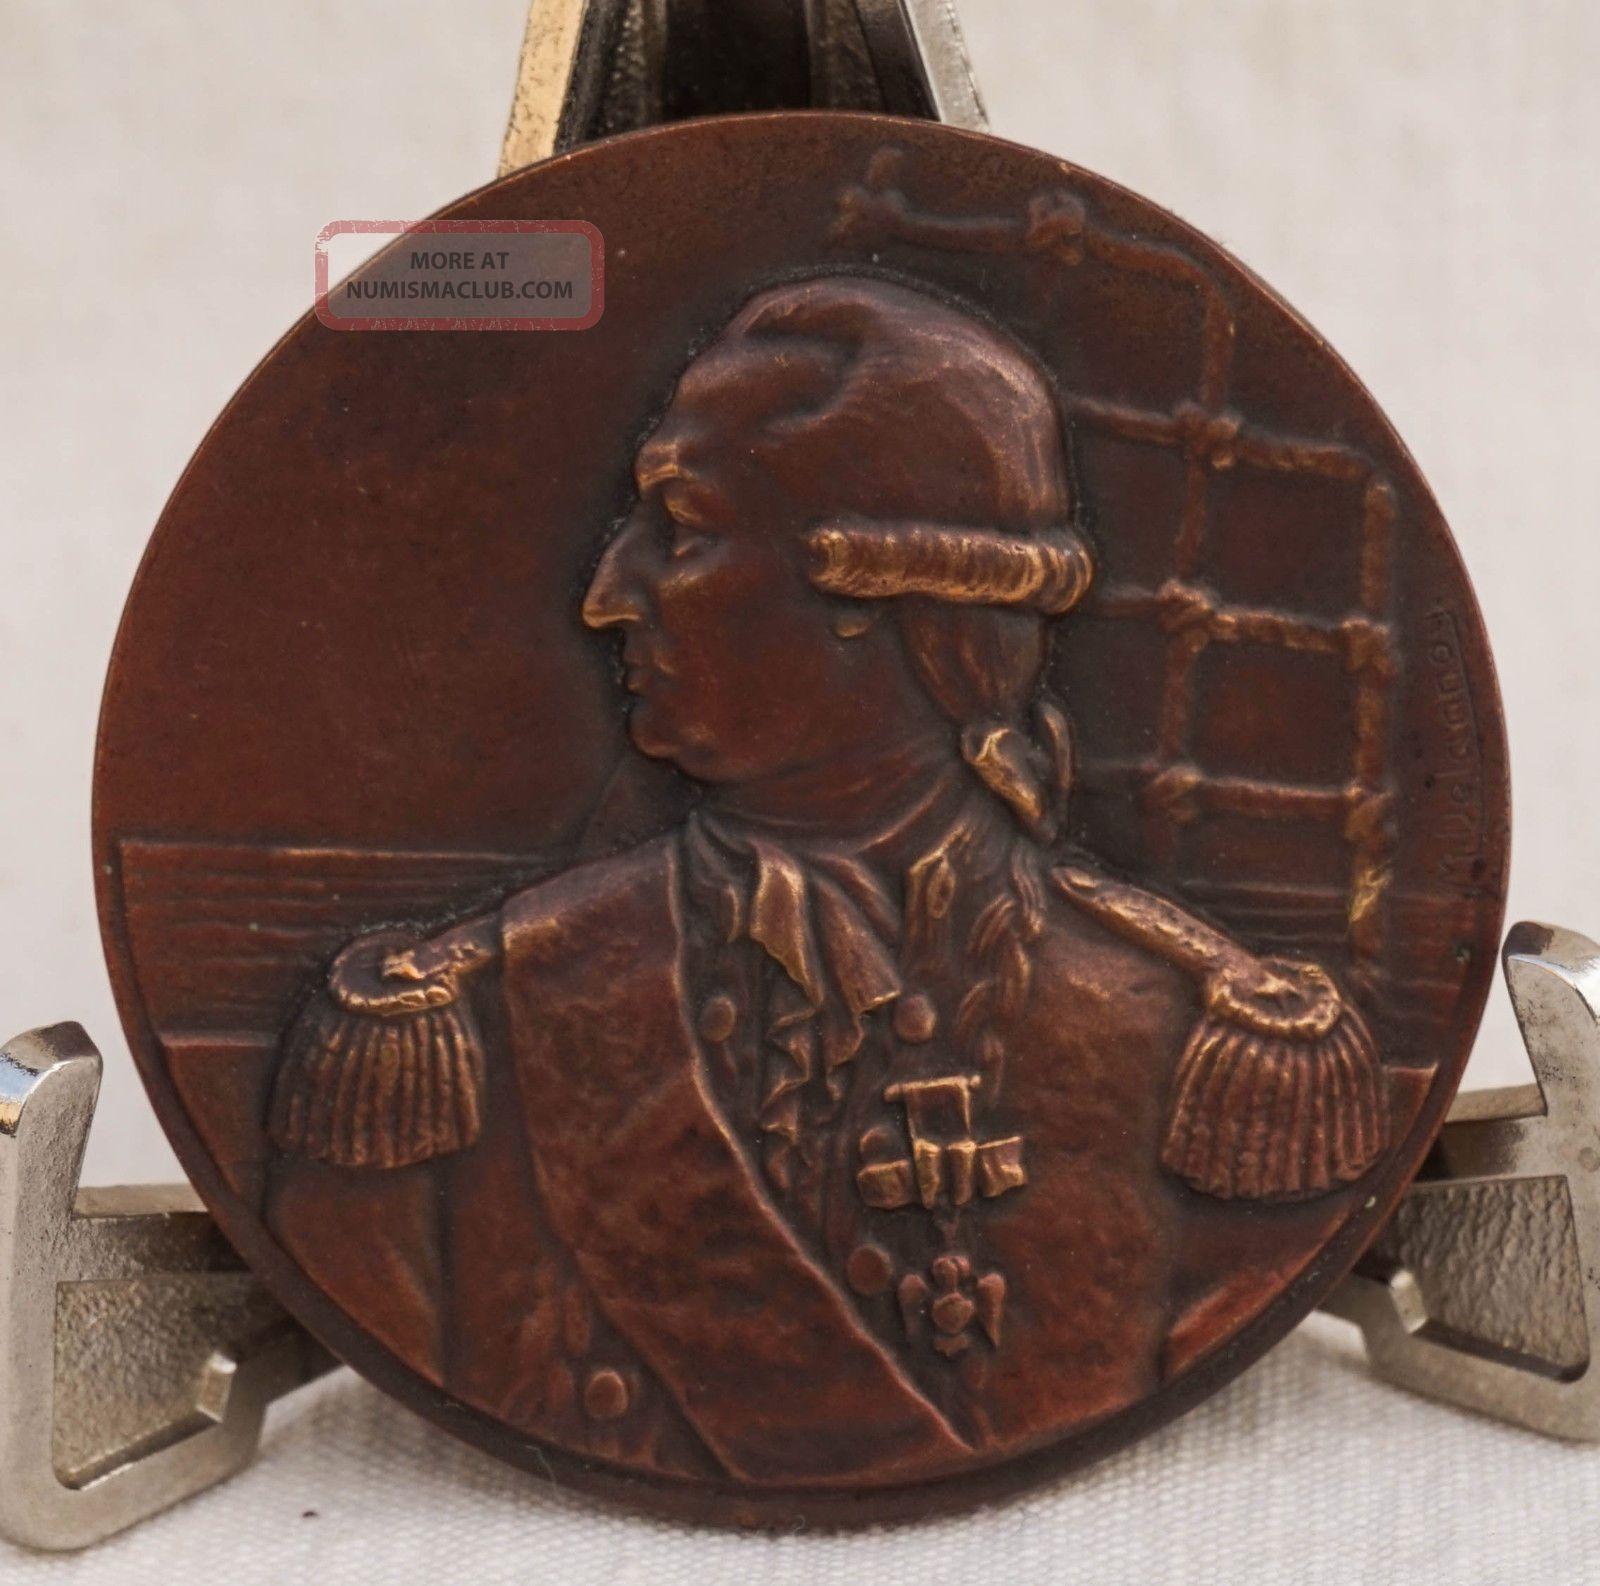 1924 Bronze Medal Ss De Grasse Ocean Liner Compagnie Generale Transatlantique De Exonumia photo